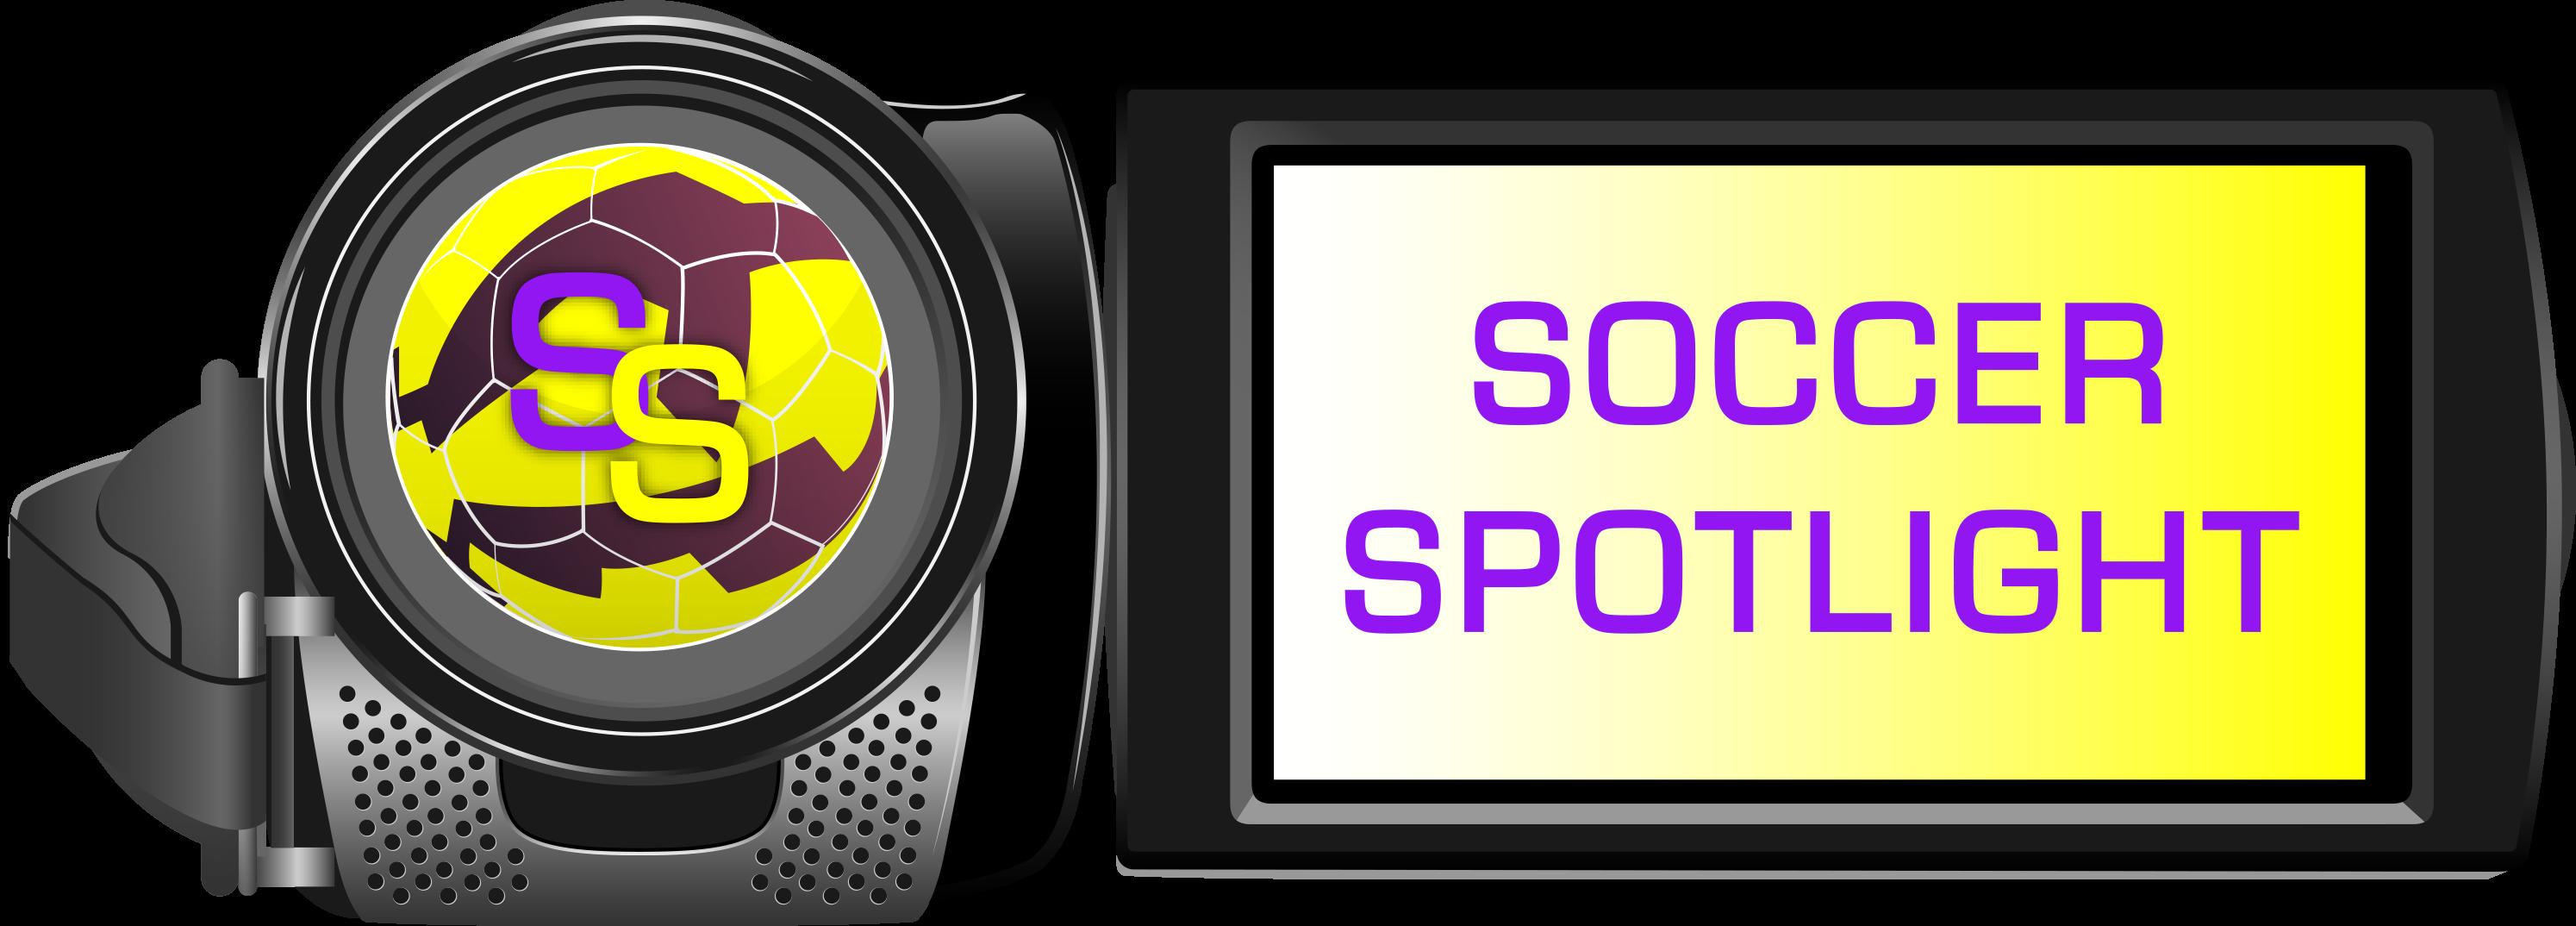 Soccer Spotlight